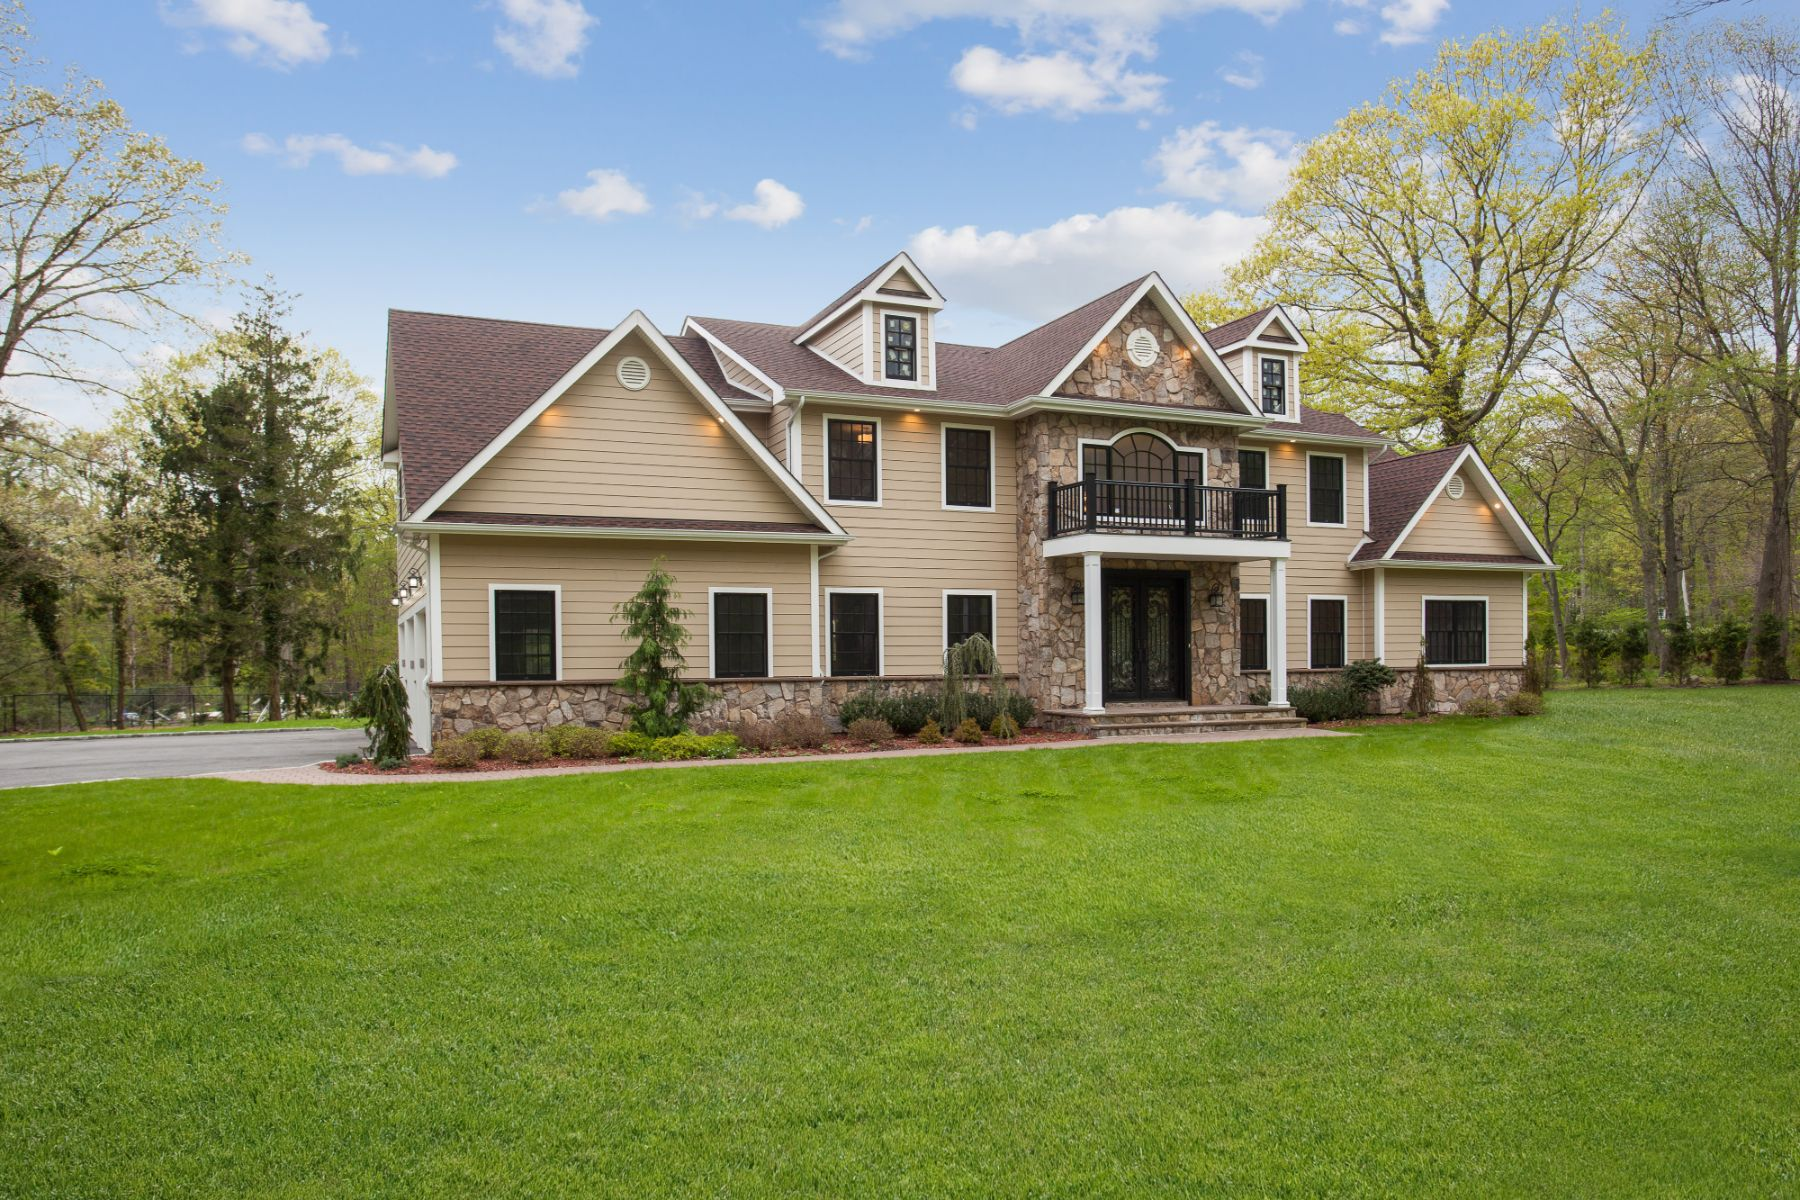 Single Family Homes für Verkauf beim St. James 31 Branglebrink Road, St. James, New York 11780 Vereinigte Staaten